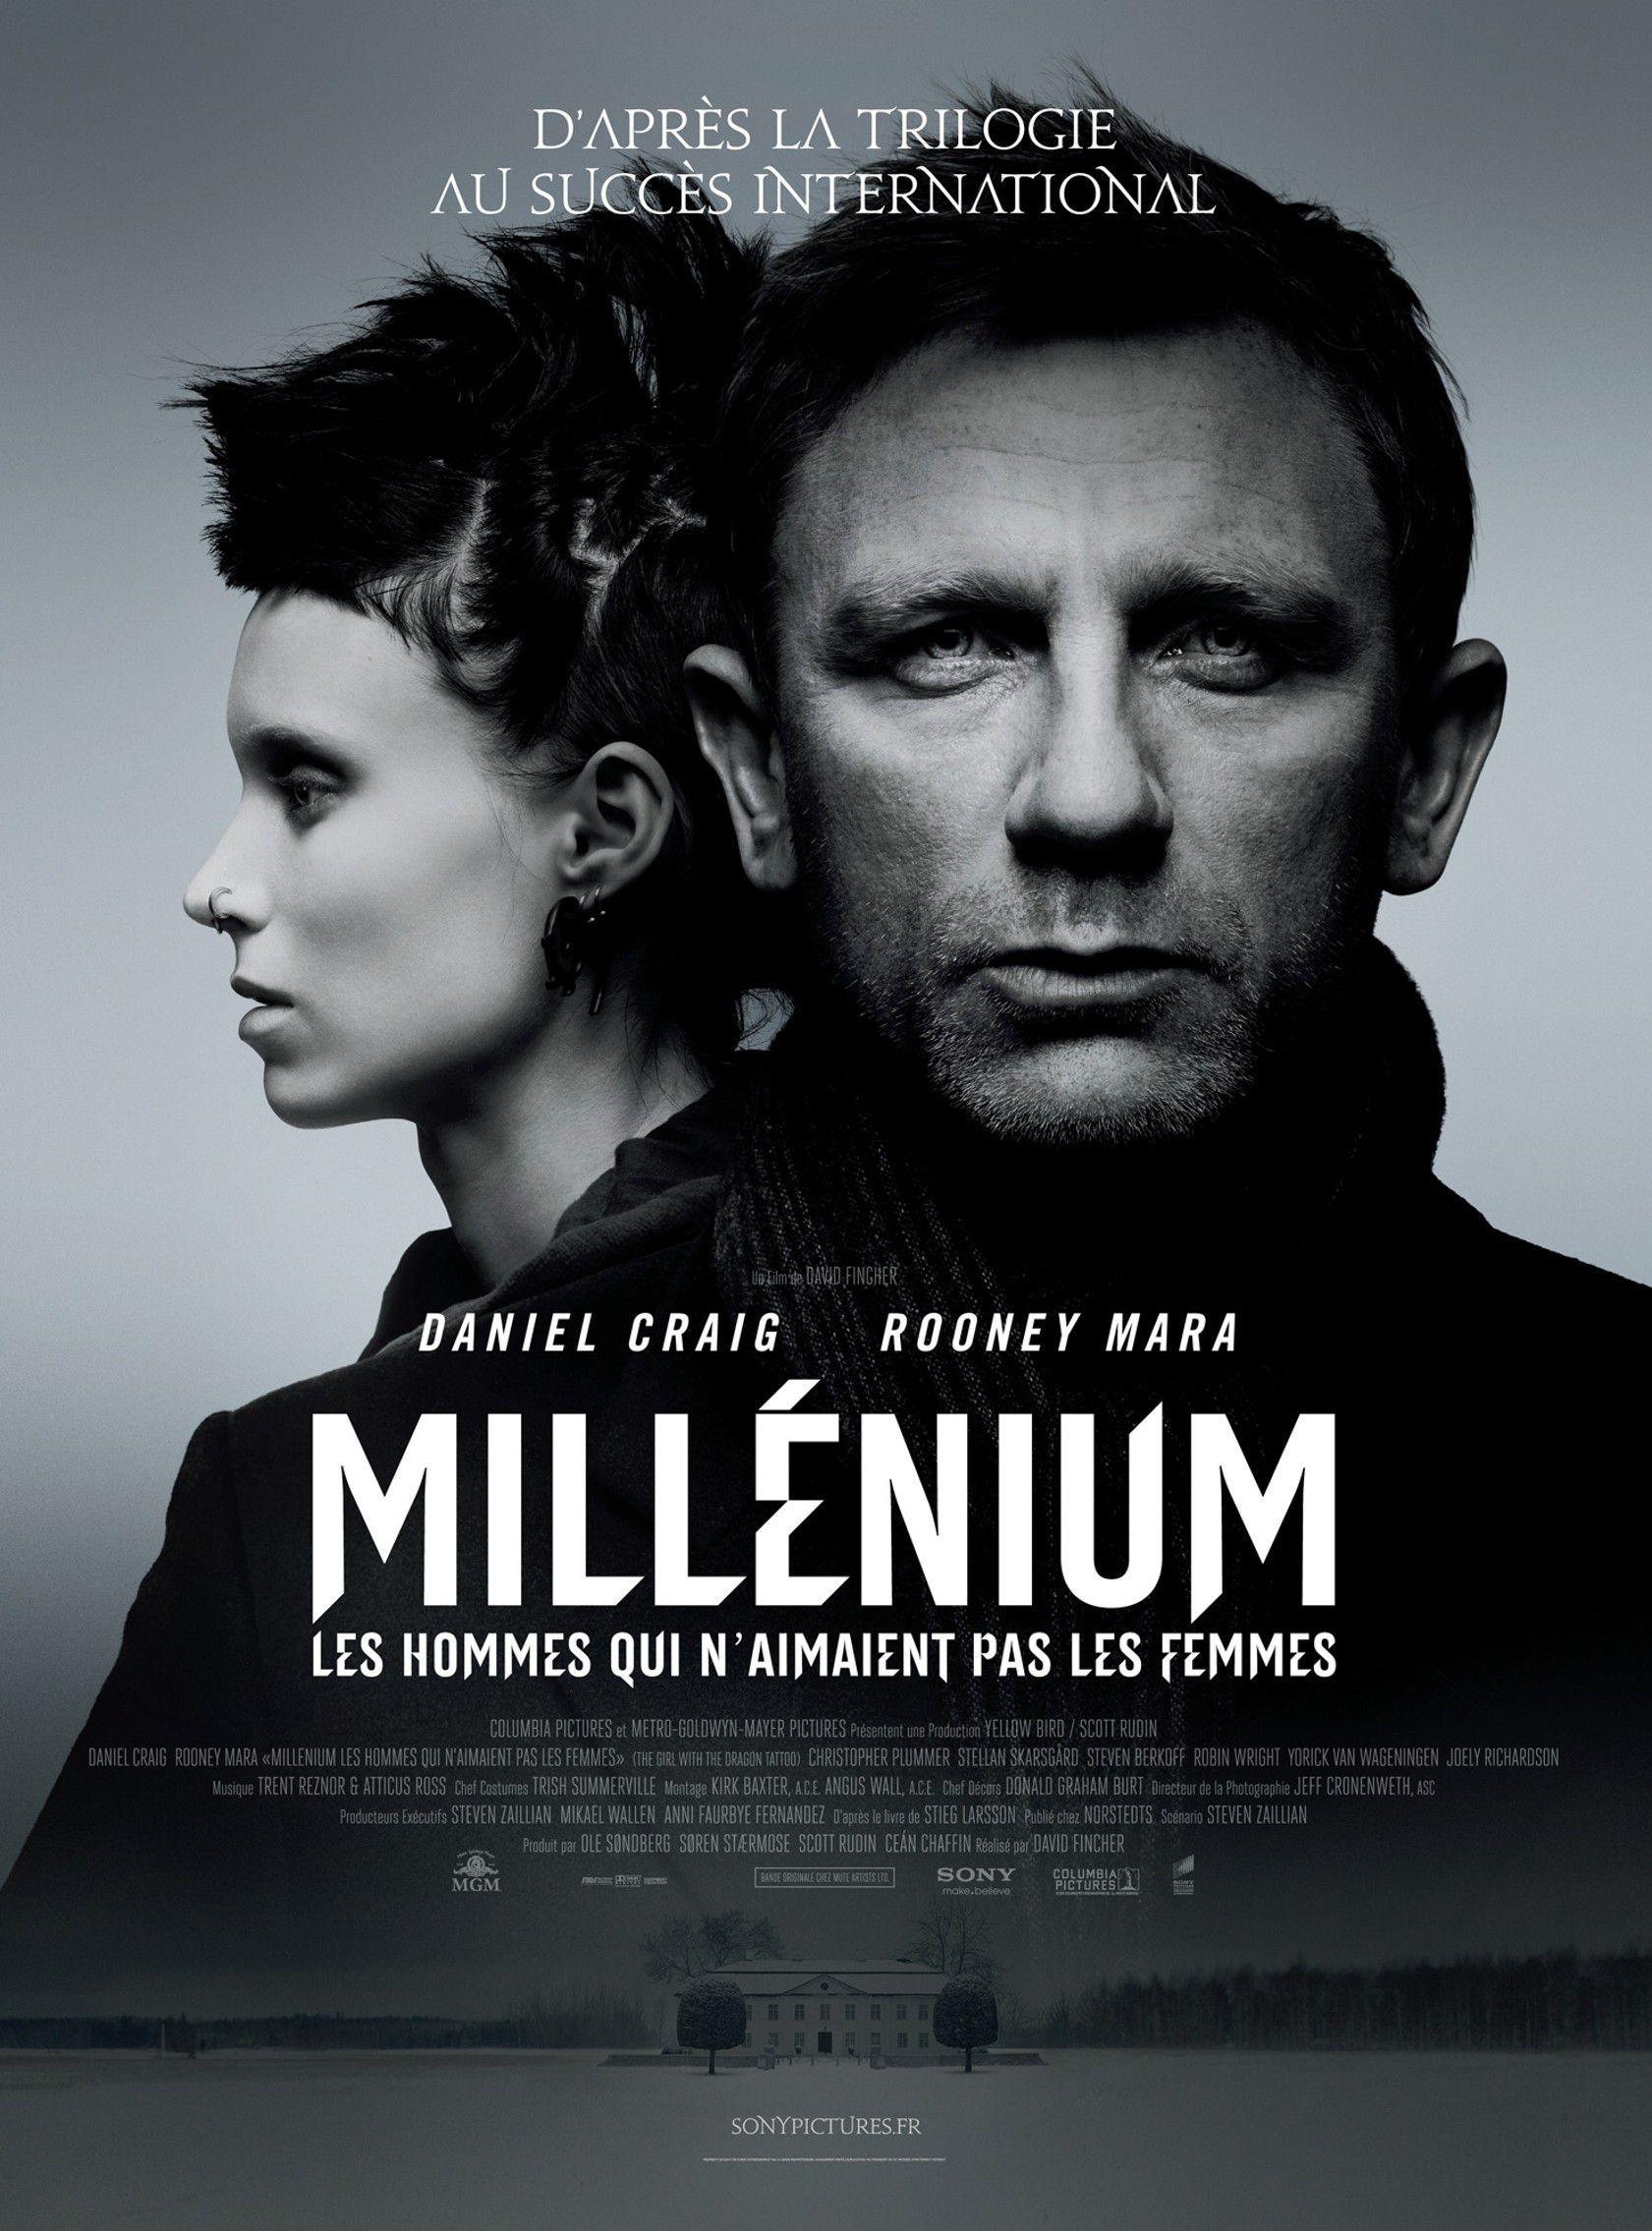 Millénium : Les hommes qui n'aimaient pas les femmes - Film (2011)